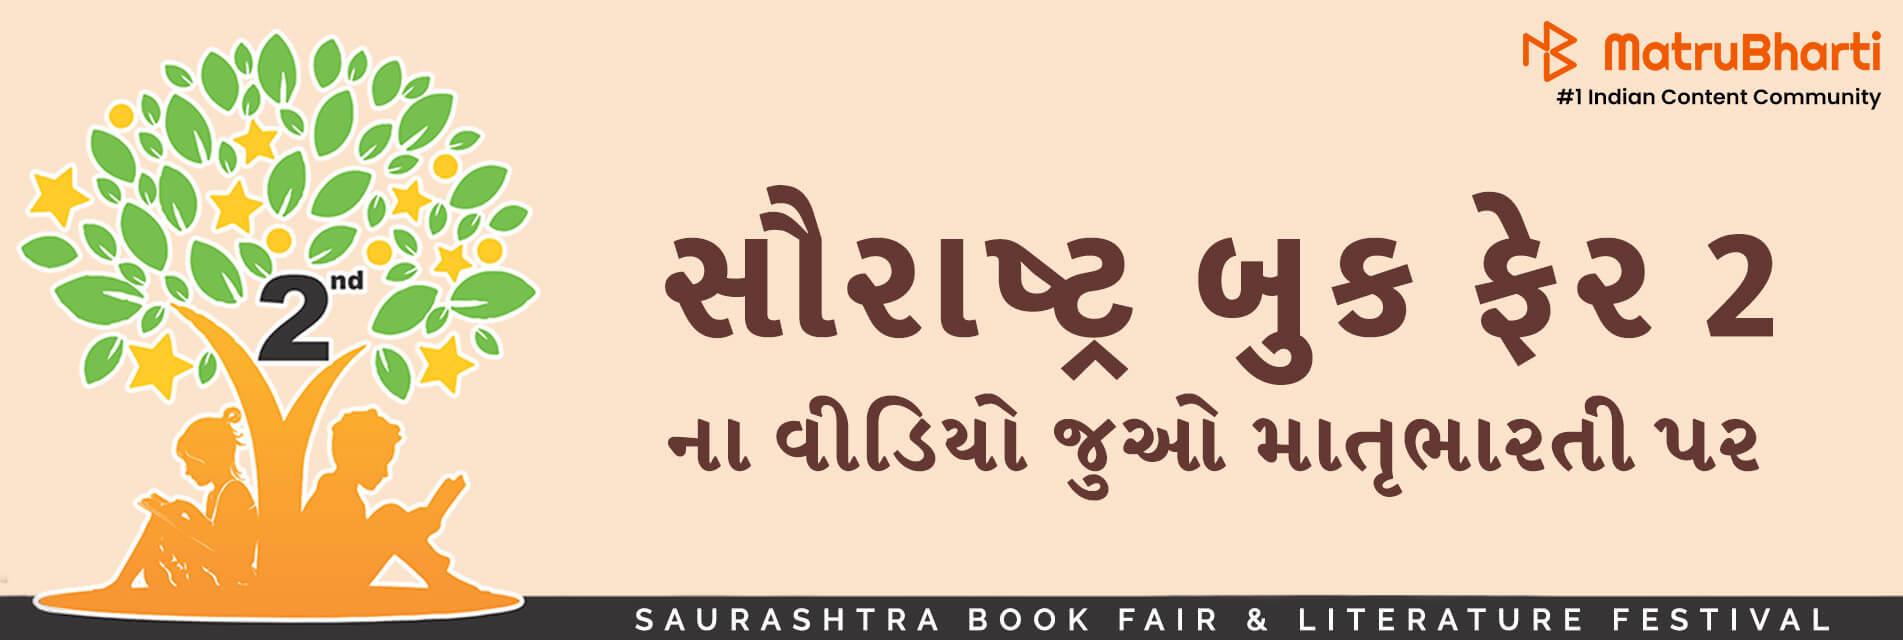 Saurashtra Book Fair